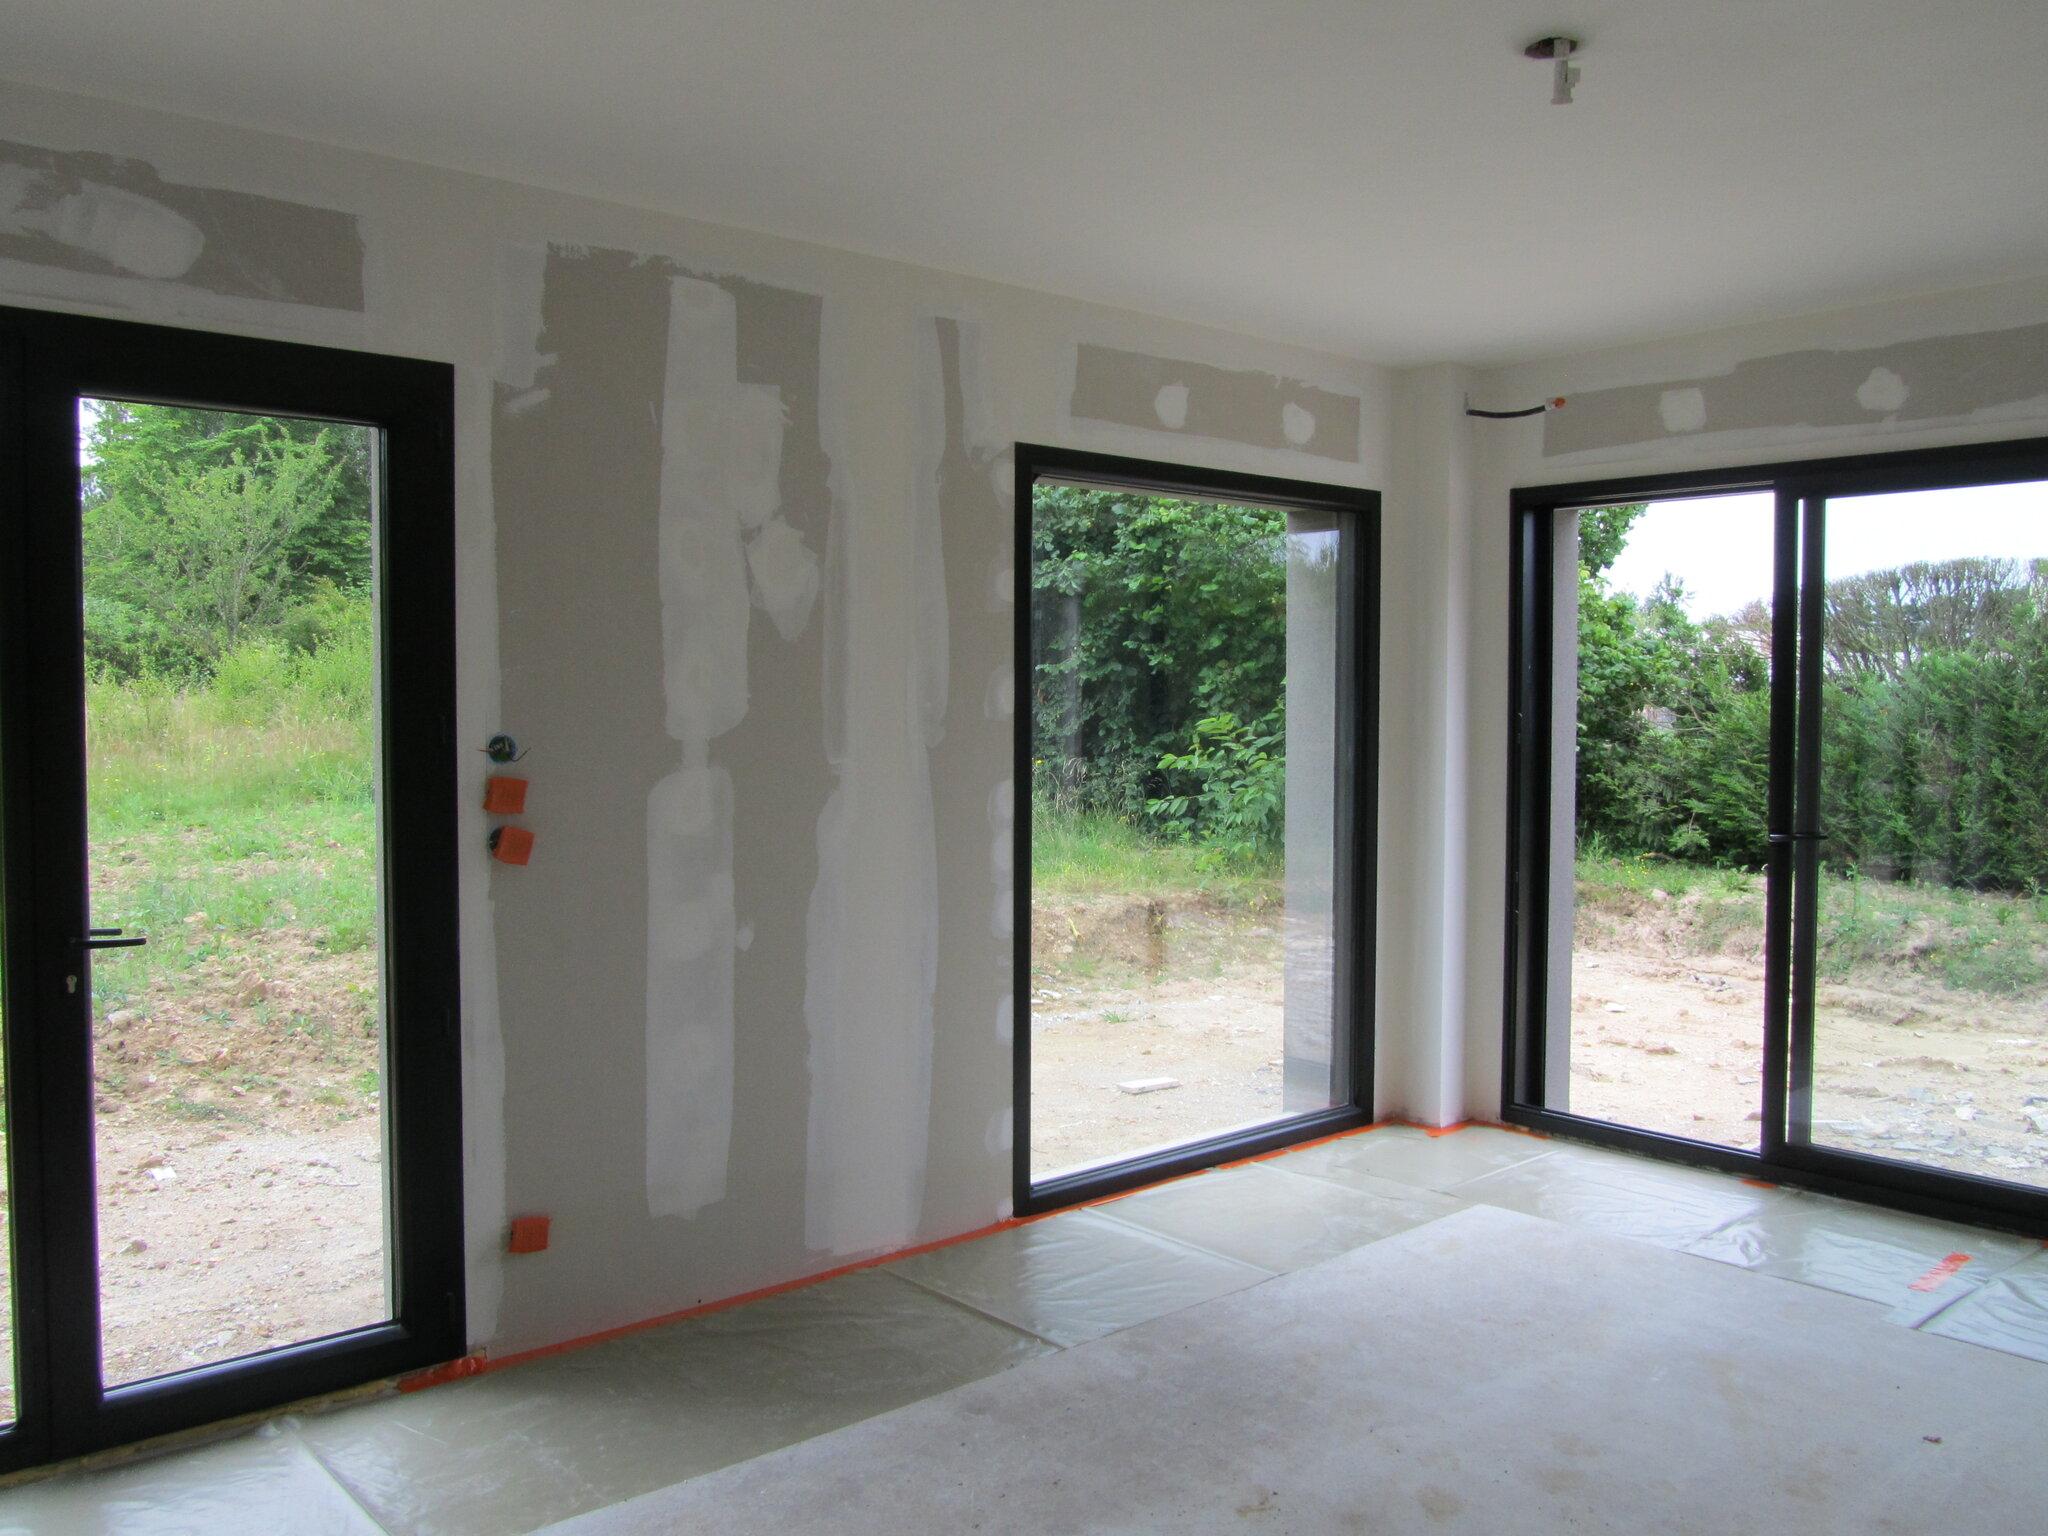 Blanchiment maison neuve sur placo s a s balzac peintre deco produits naturels ravalement - Peinture maison neuve ...